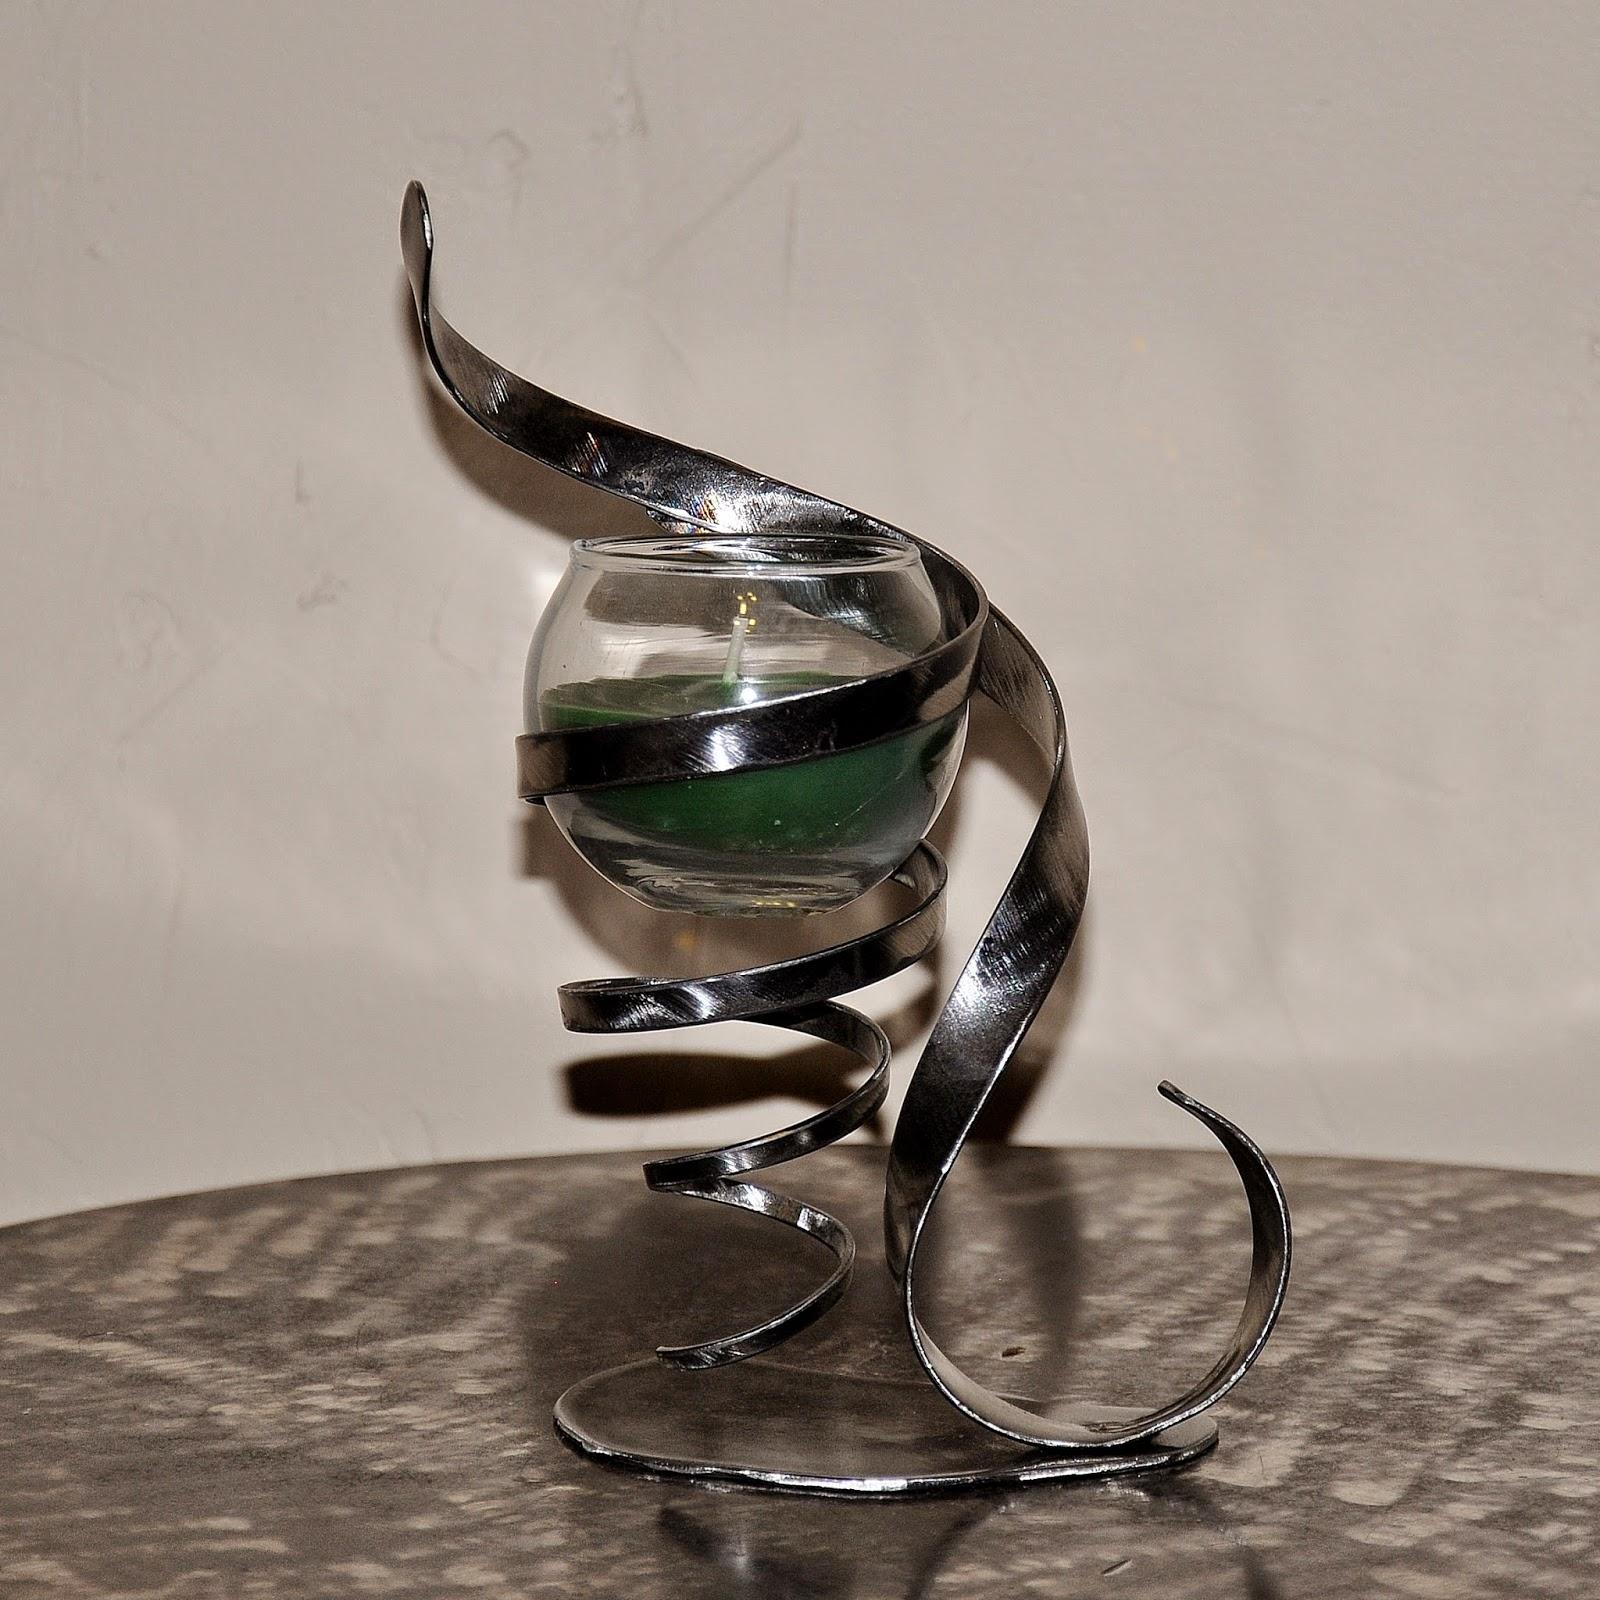 cr ateur d 39 objets d co en fer forg bougeoirs luminaires porte bouteille pour no l je vous. Black Bedroom Furniture Sets. Home Design Ideas